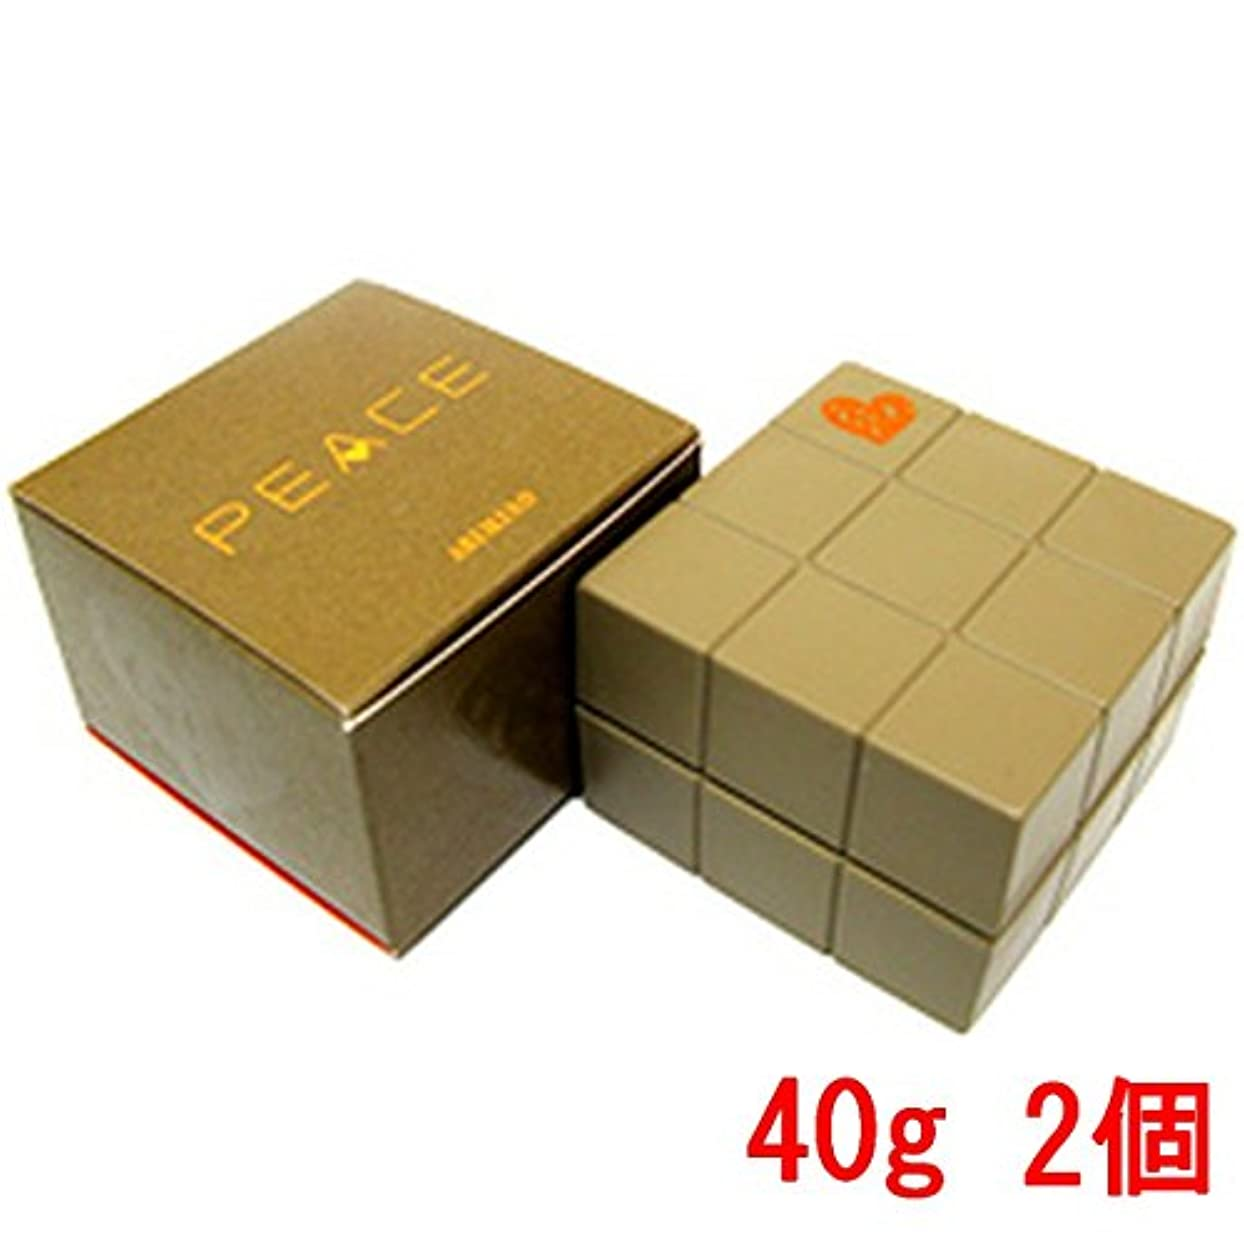 ほうき批判するホーンアリミノ ピース プロデザイン ソフトワックス40g ×2個 セット arimino PEACE